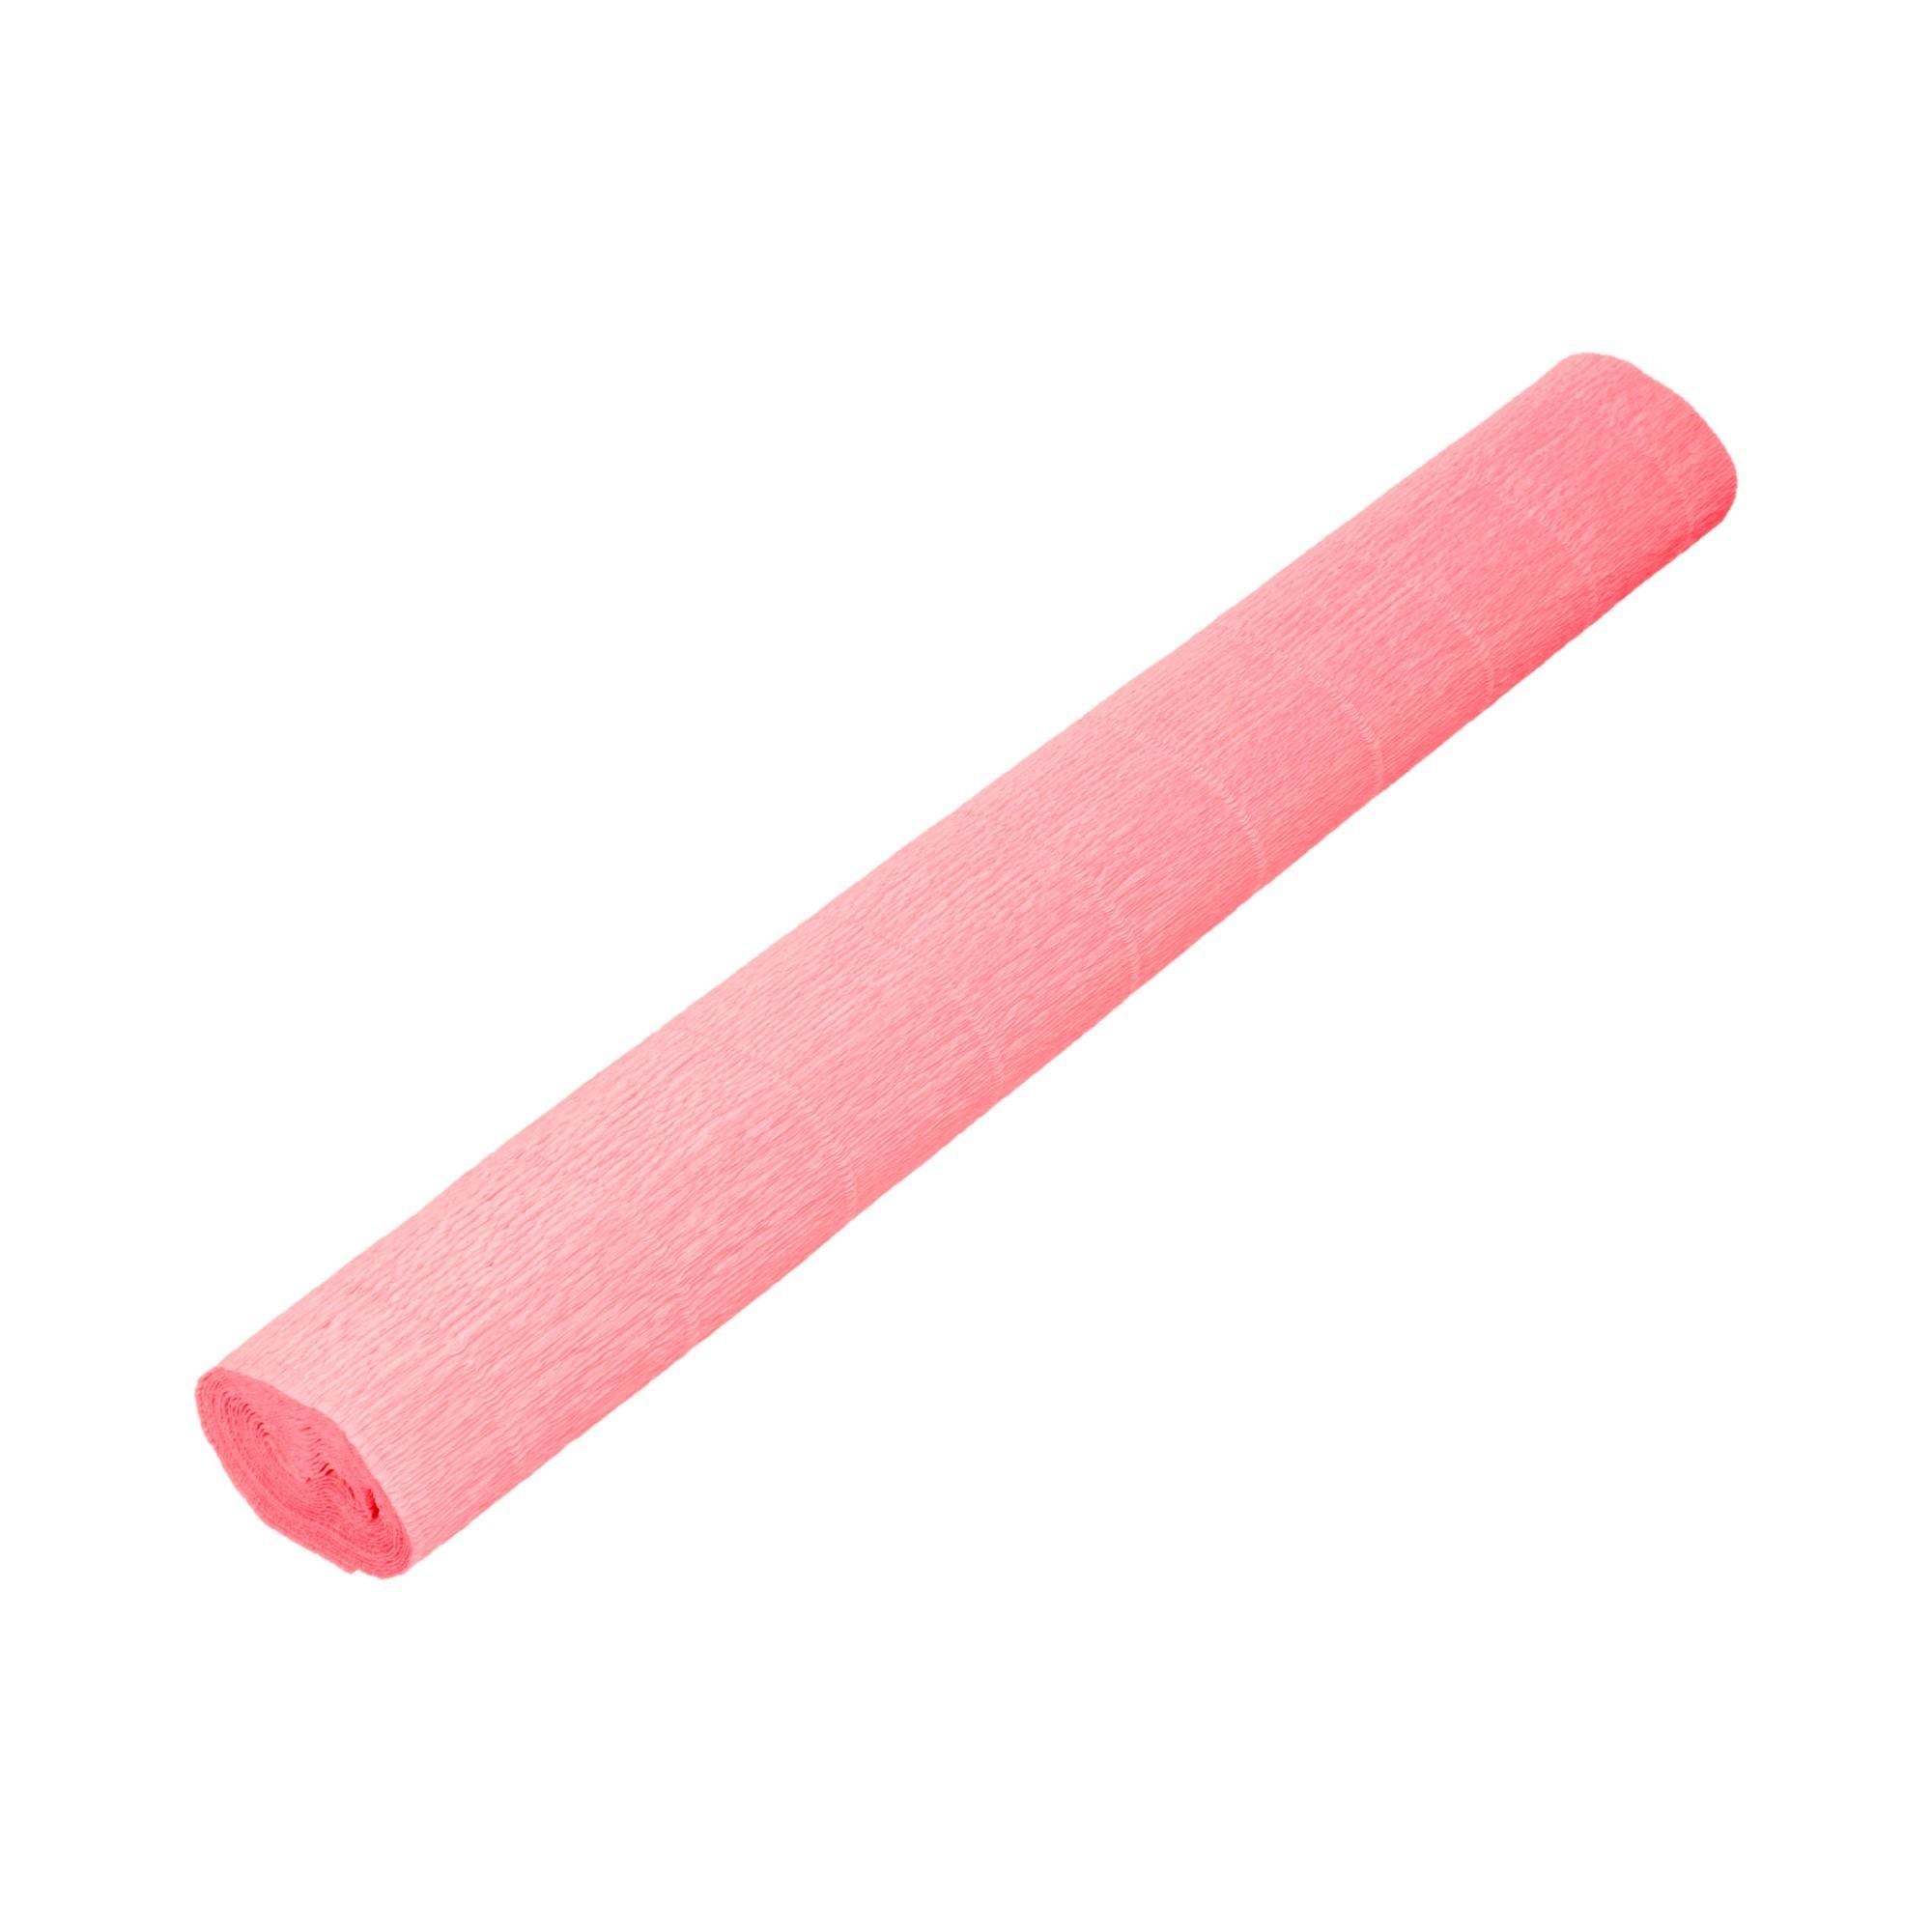 Krepina odcień różowy 601 Latek